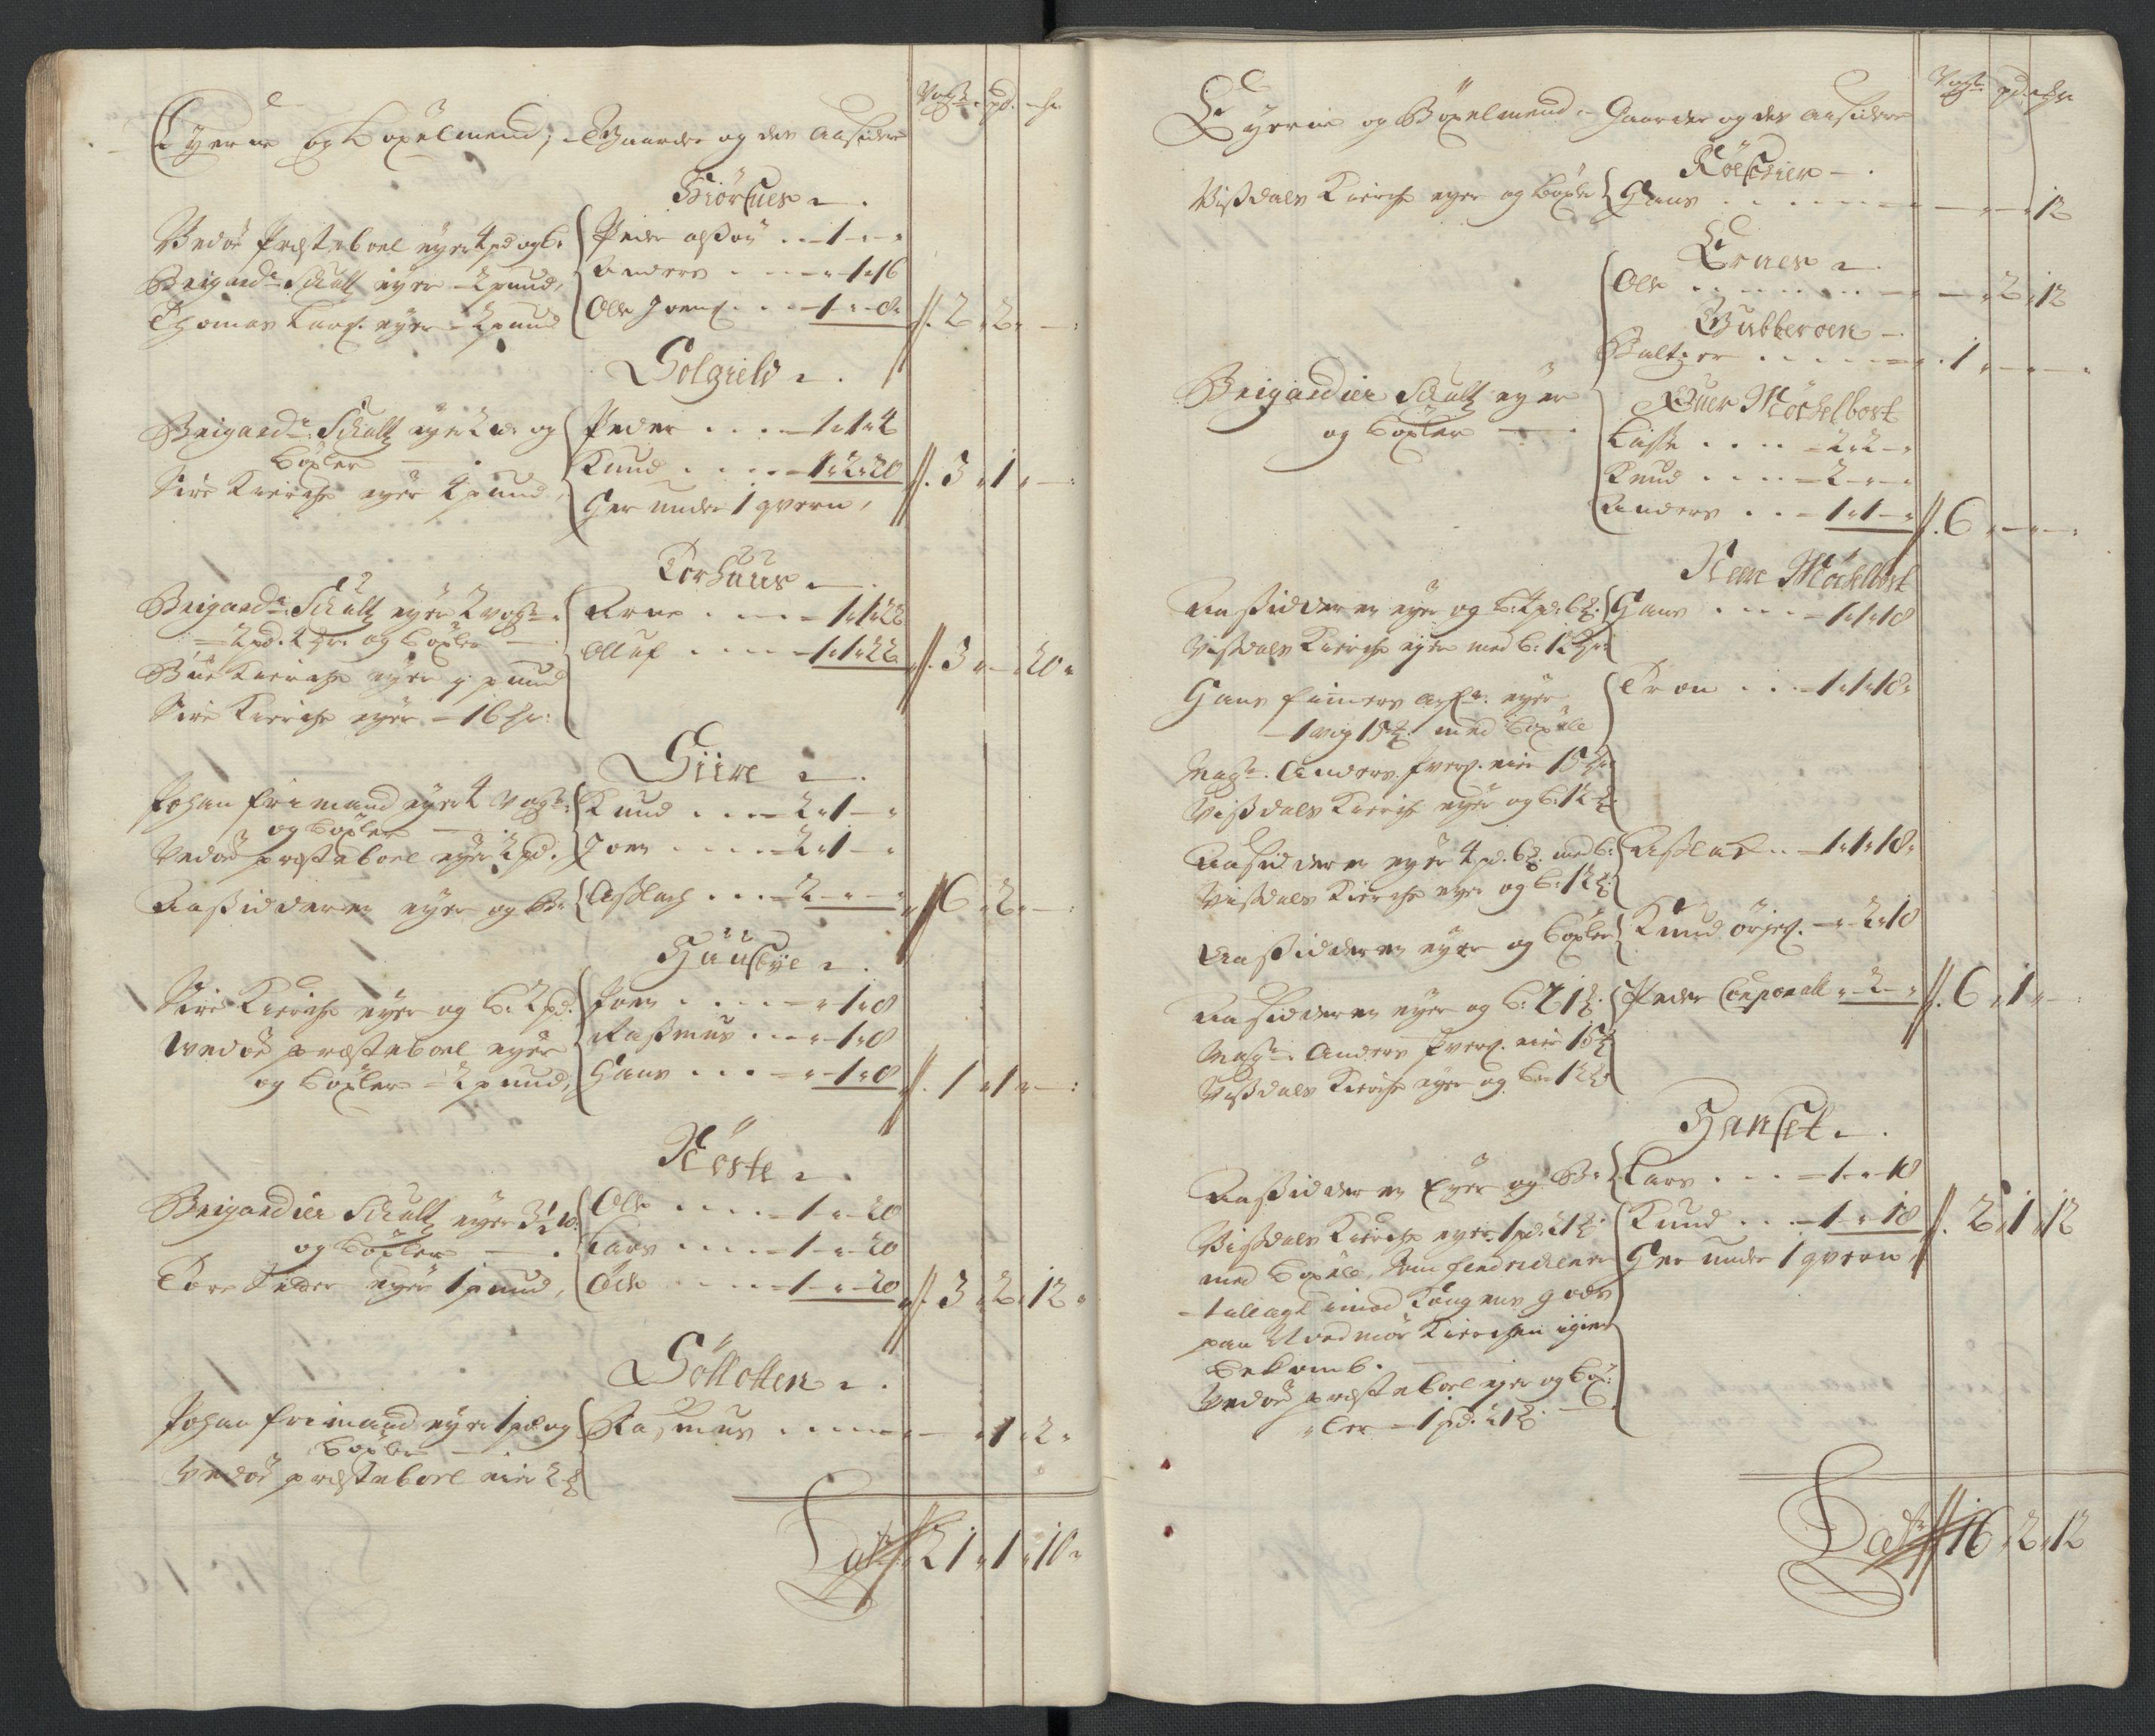 RA, Rentekammeret inntil 1814, Reviderte regnskaper, Fogderegnskap, R55/L3656: Fogderegnskap Romsdal, 1703-1705, p. 378